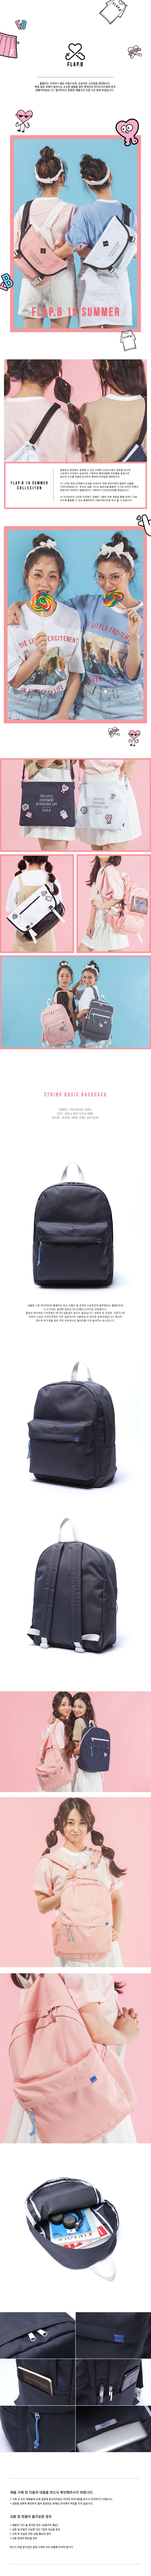 [플랩비]FLAPB - String basic backpack (DK.GRAY) 백팩 가방 데이백 스탠다드 무지백팩 신학기가방